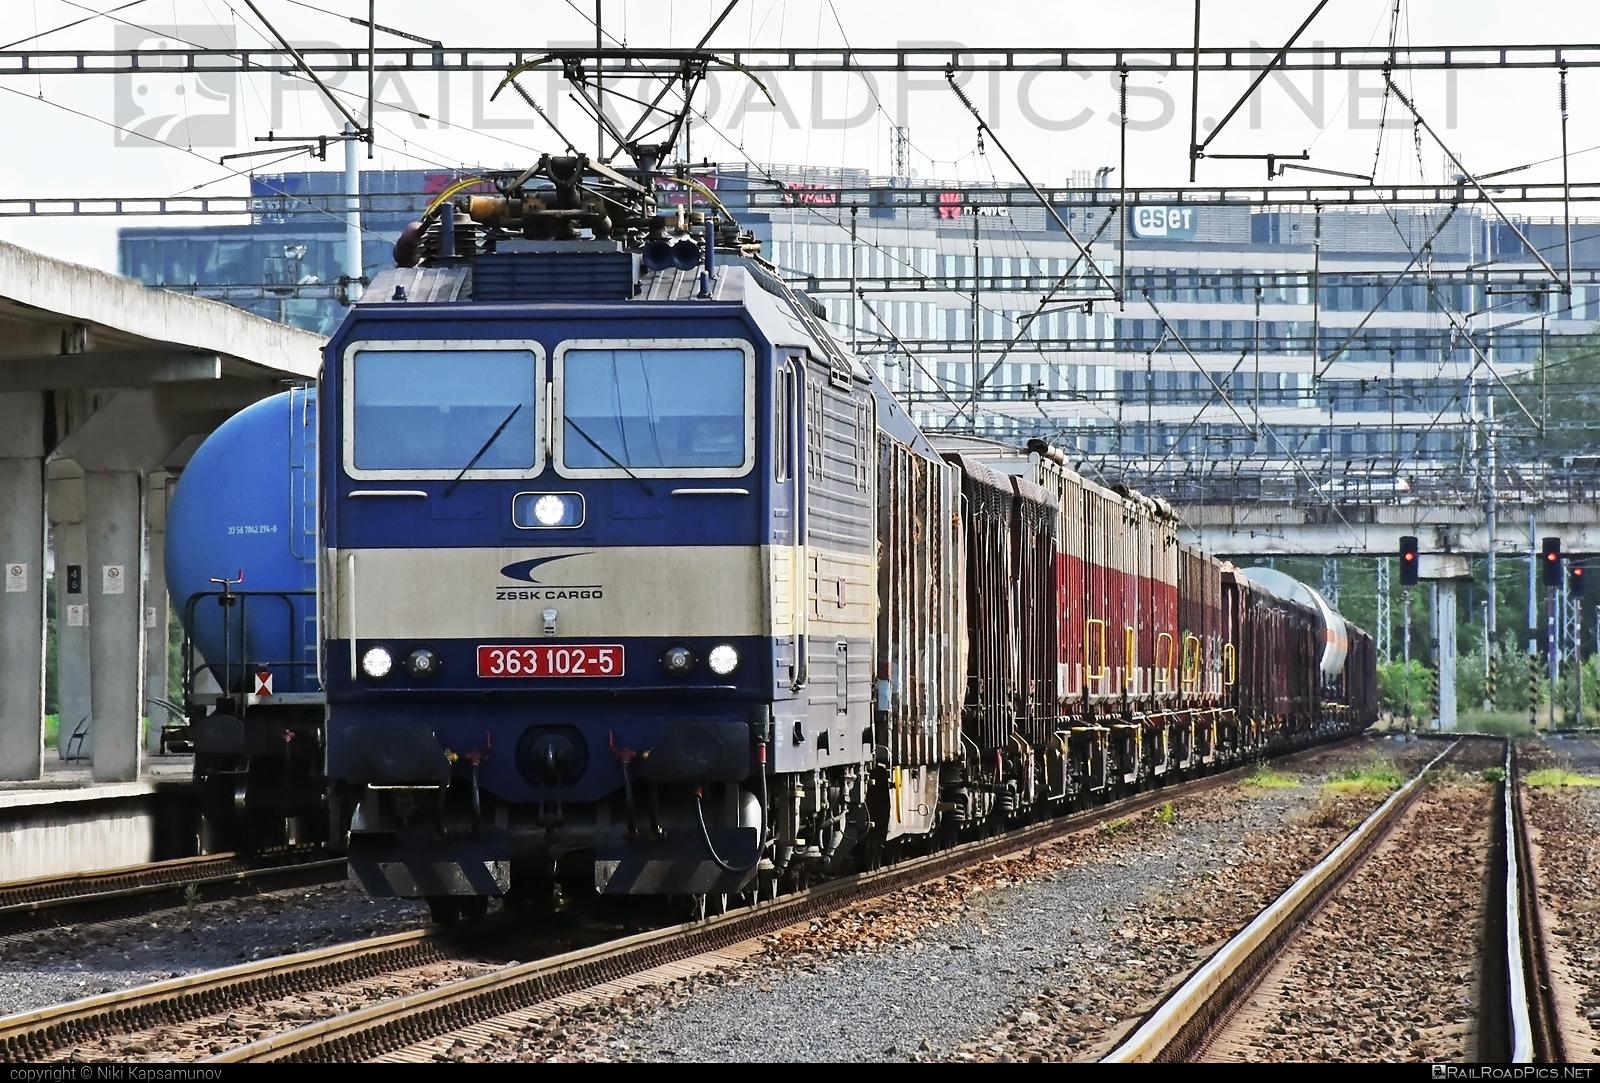 Škoda 69E - 363 102-5 operated by Železničná Spoločnost' Cargo Slovakia a.s. #ZeleznicnaSpolocnostCargoSlovakia #es4991 #eso #locomotive363 #skoda #skoda69e #zsskcargo